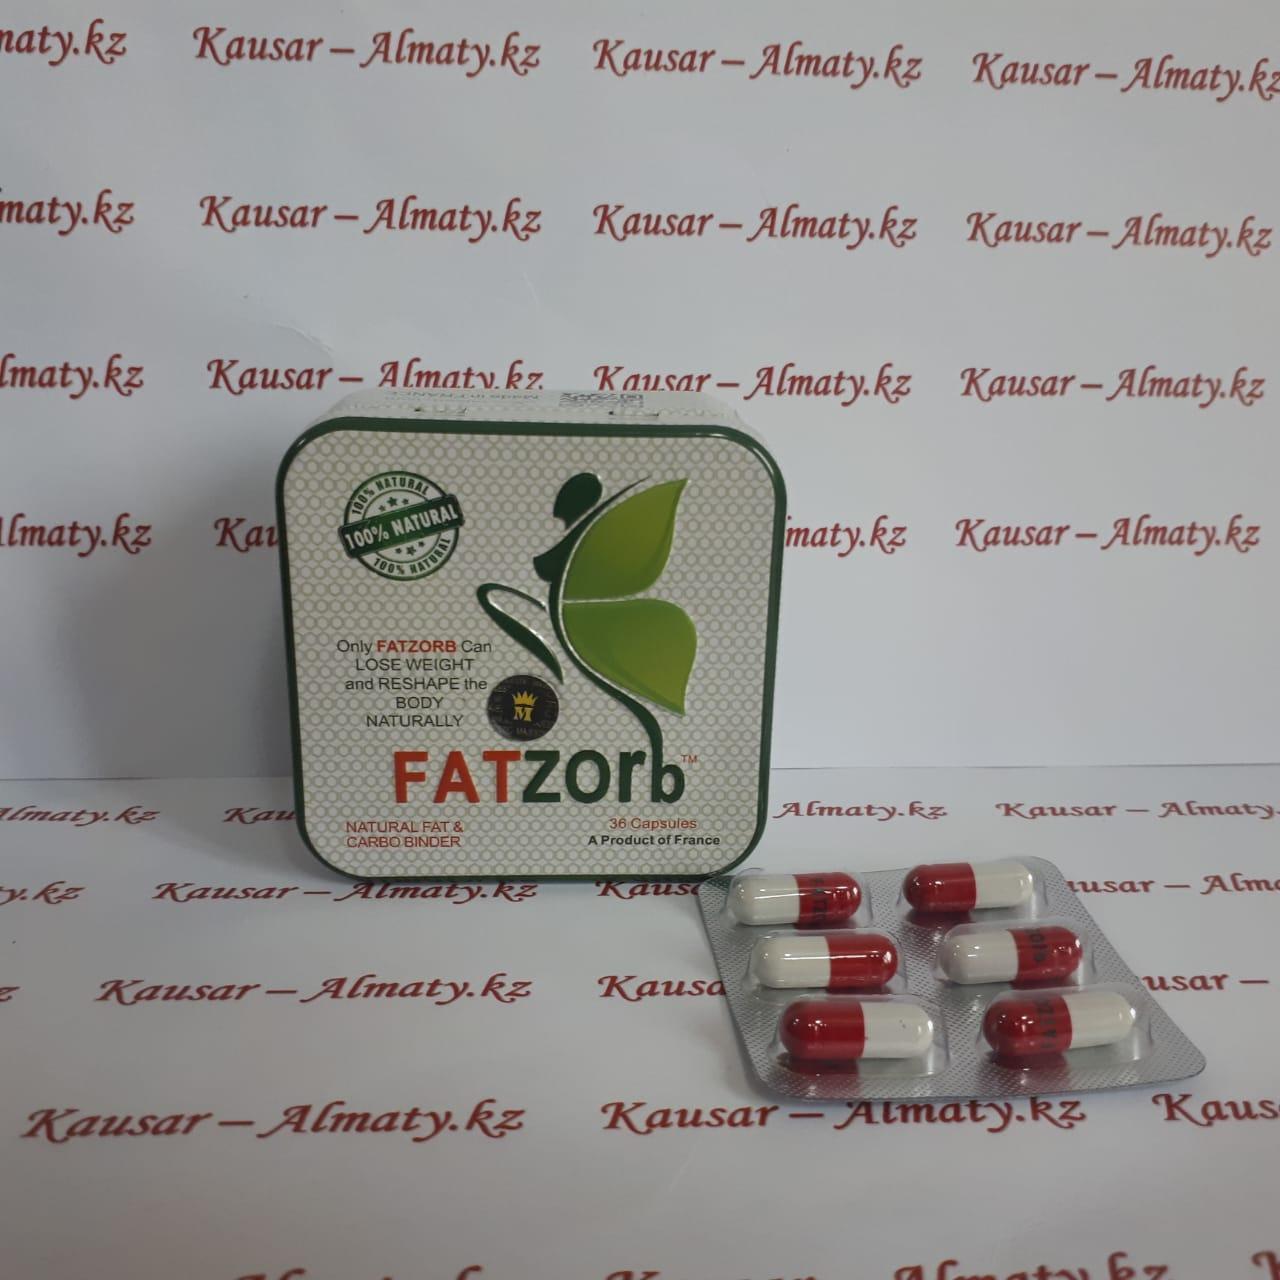 Fatzorb фатзорб для похудения